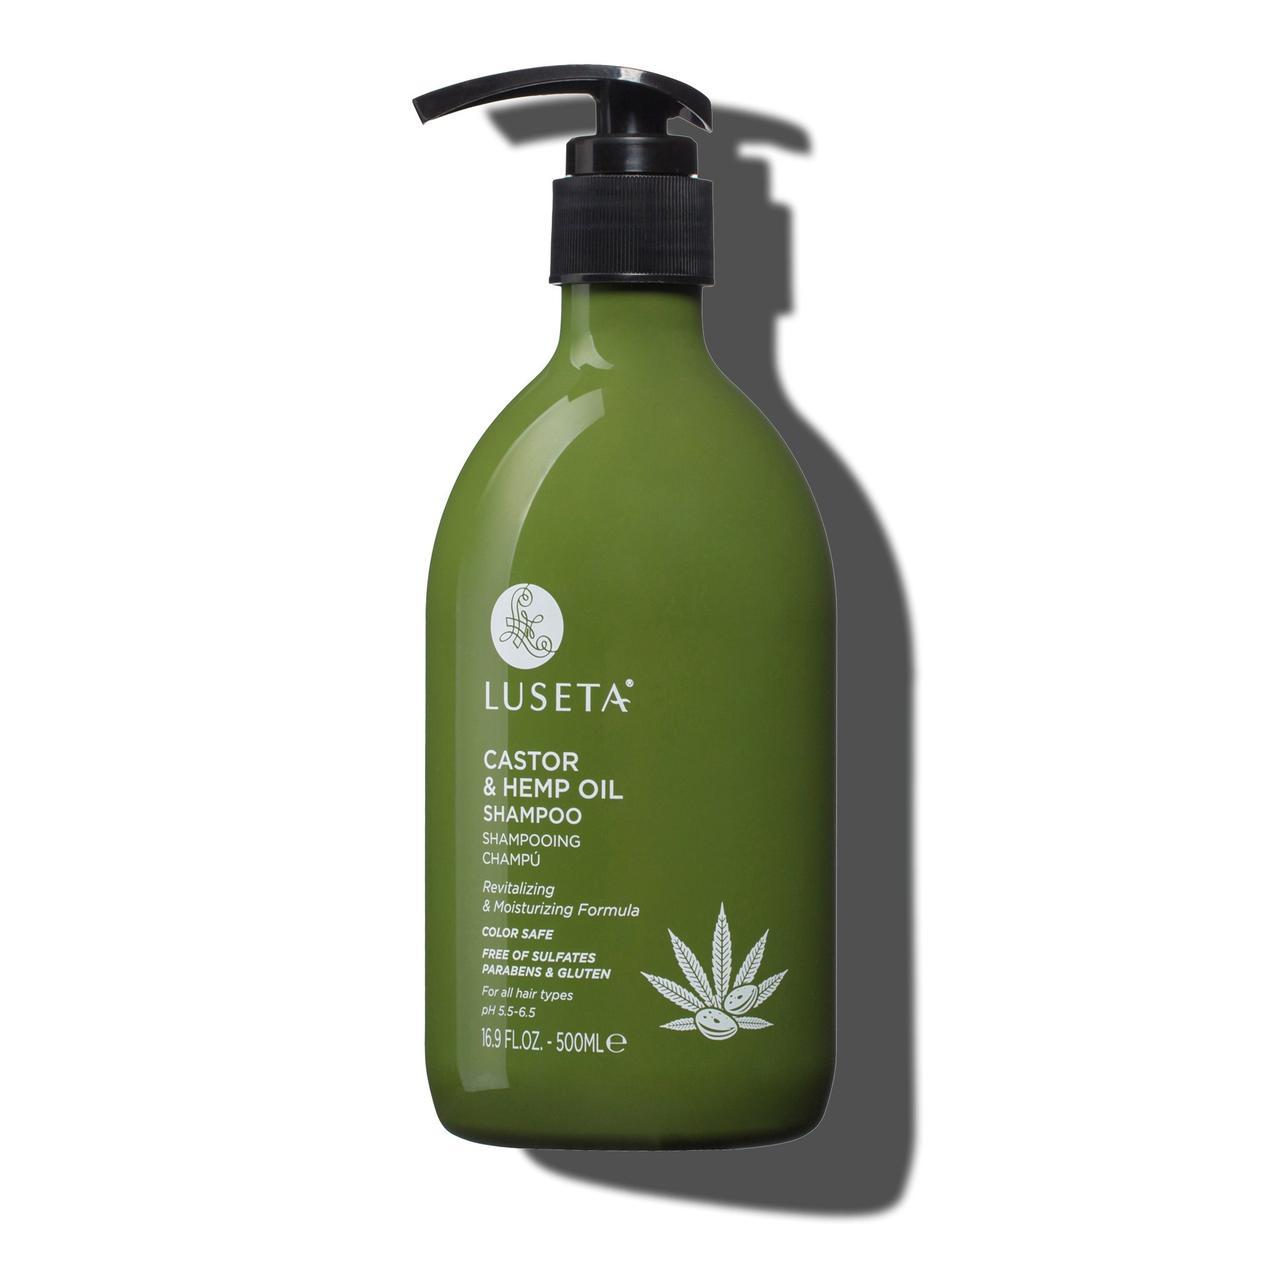 Шампунь для сухих и поврежденных волос Luseta Castor & Hemp Oil Shampoo 500 ml